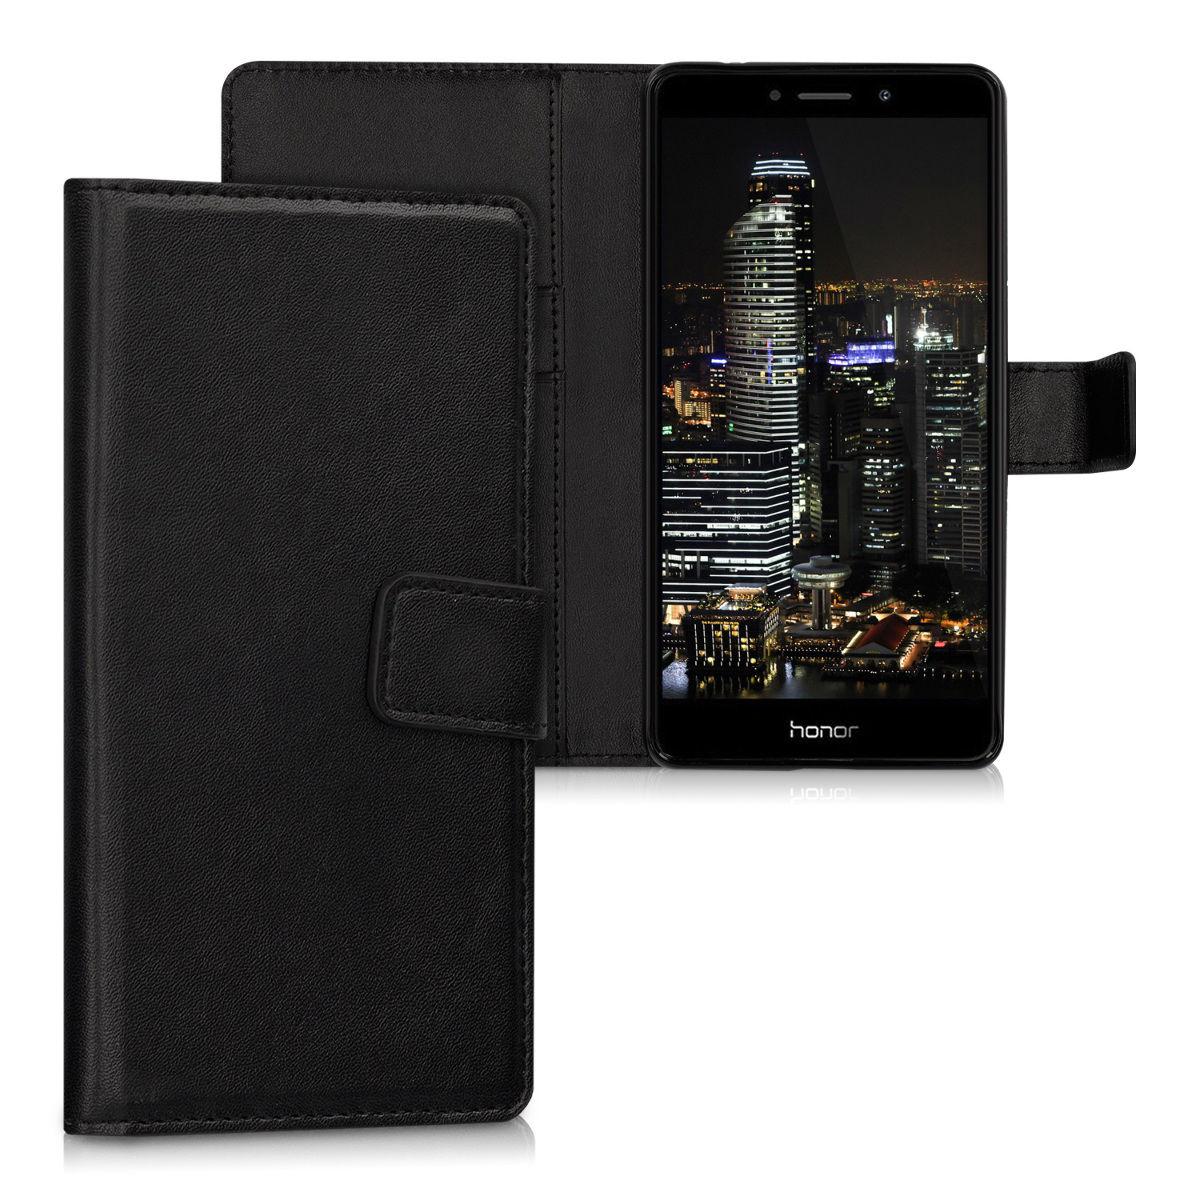 Pouzdro pro Huawei Honor 6X černé